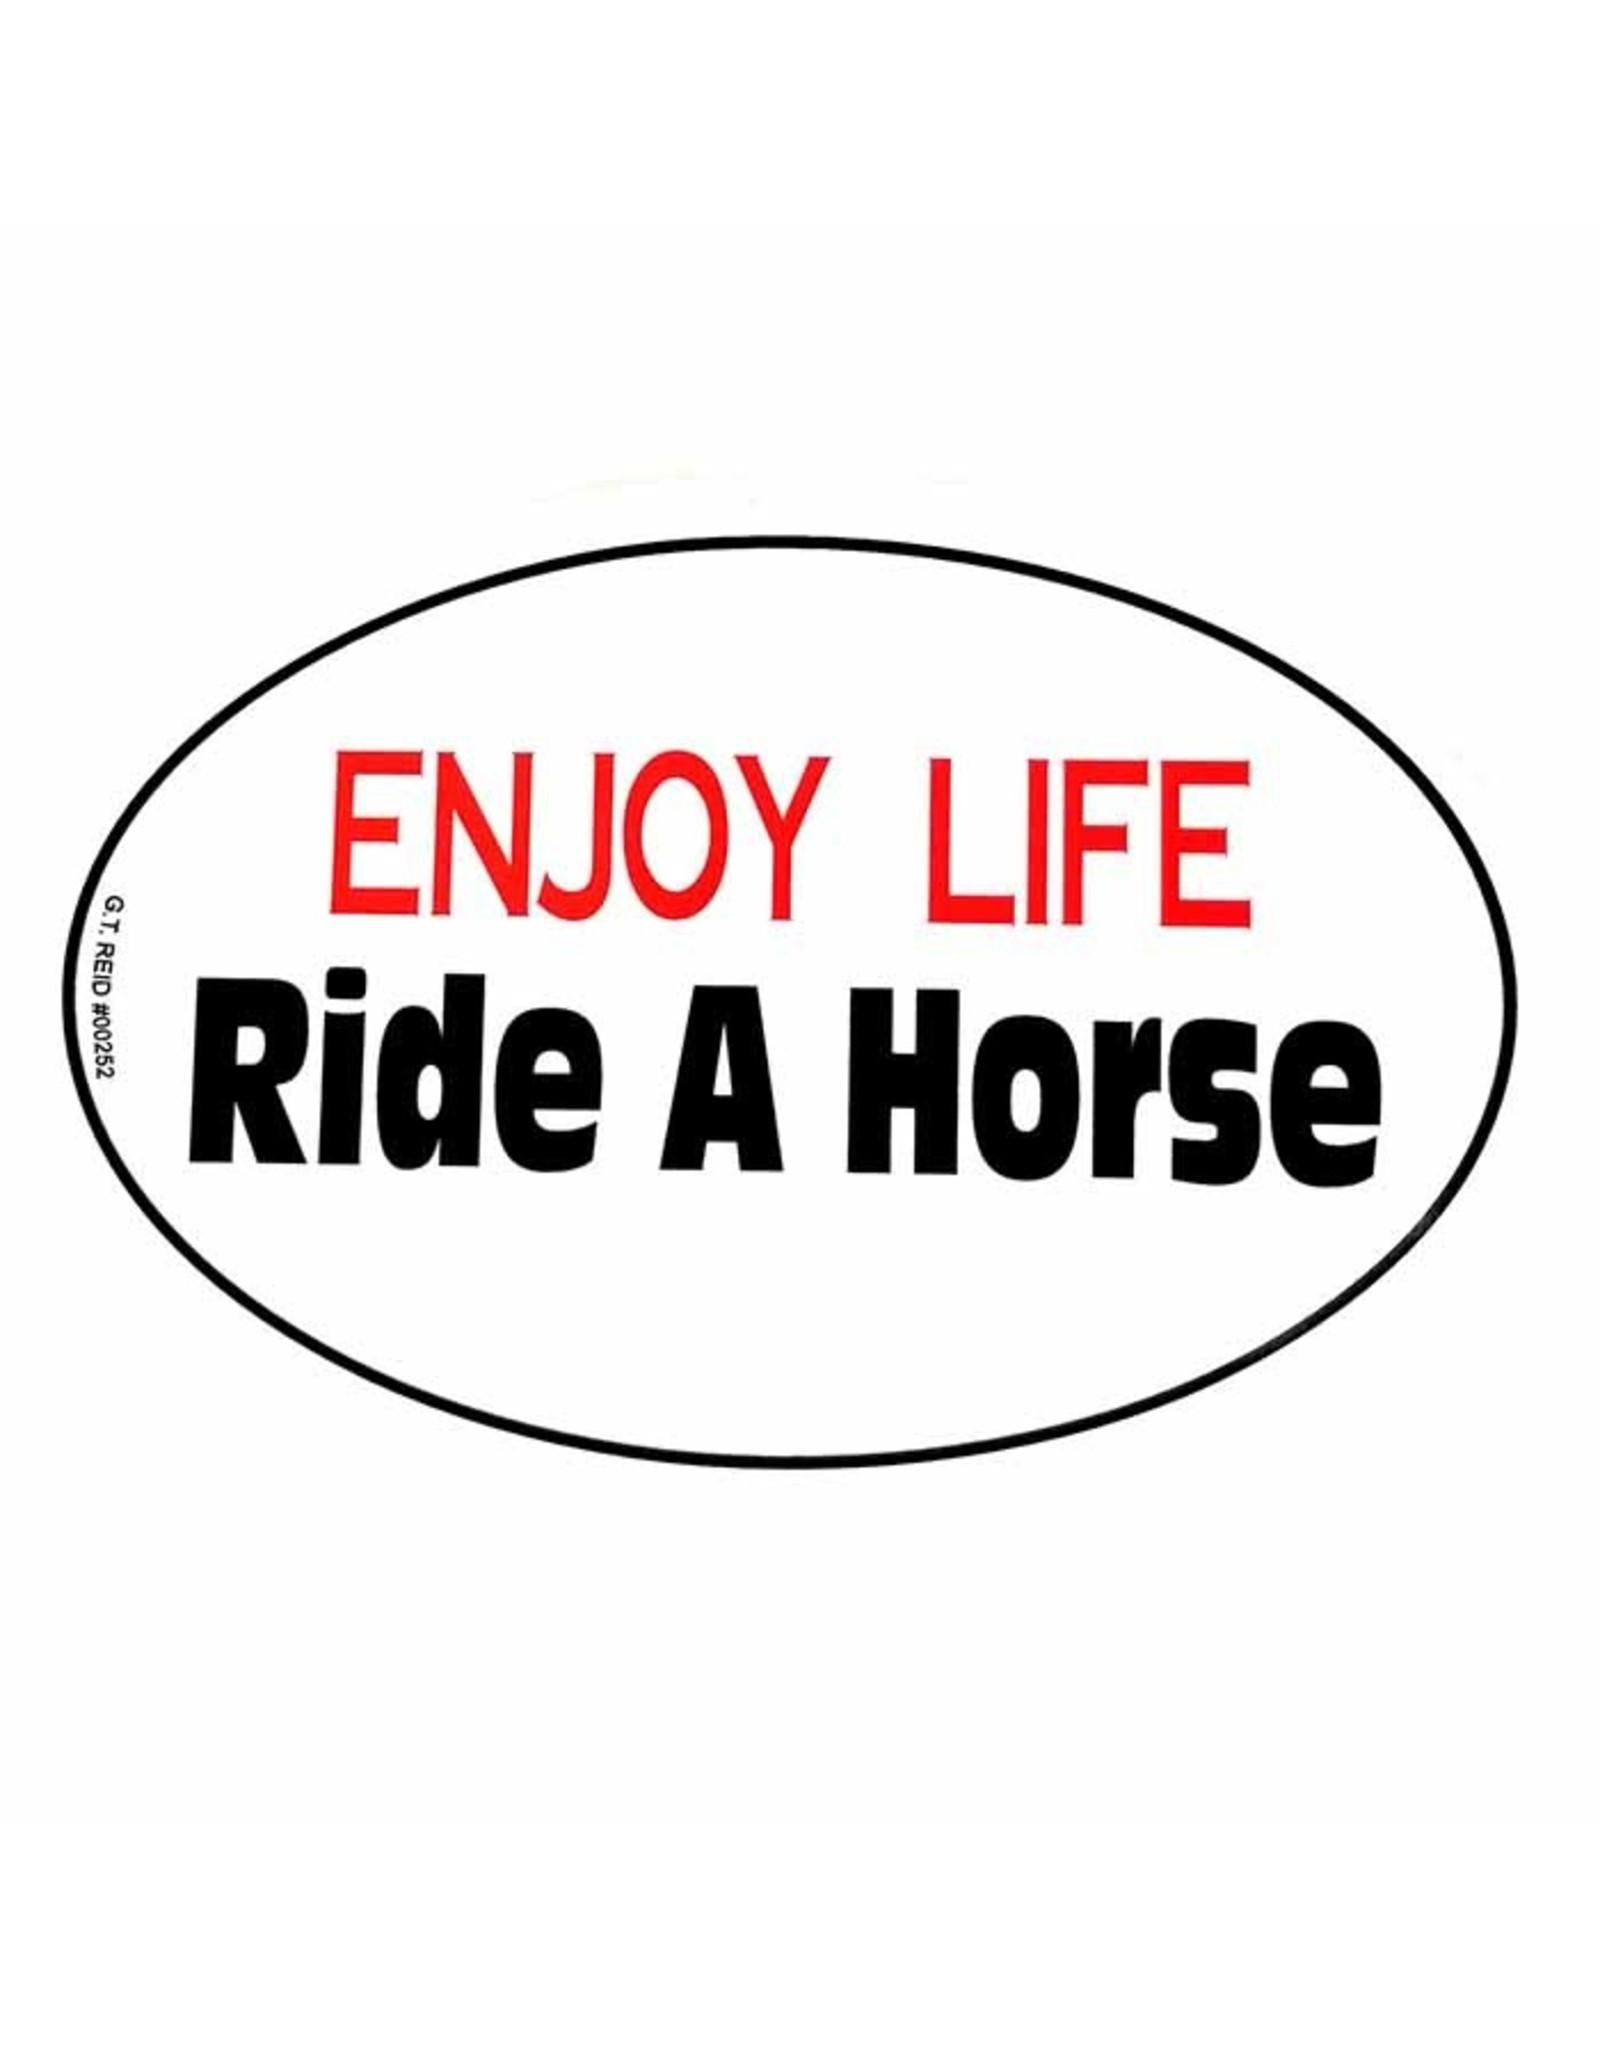 Euro Enjoy Life, Ride a Horse